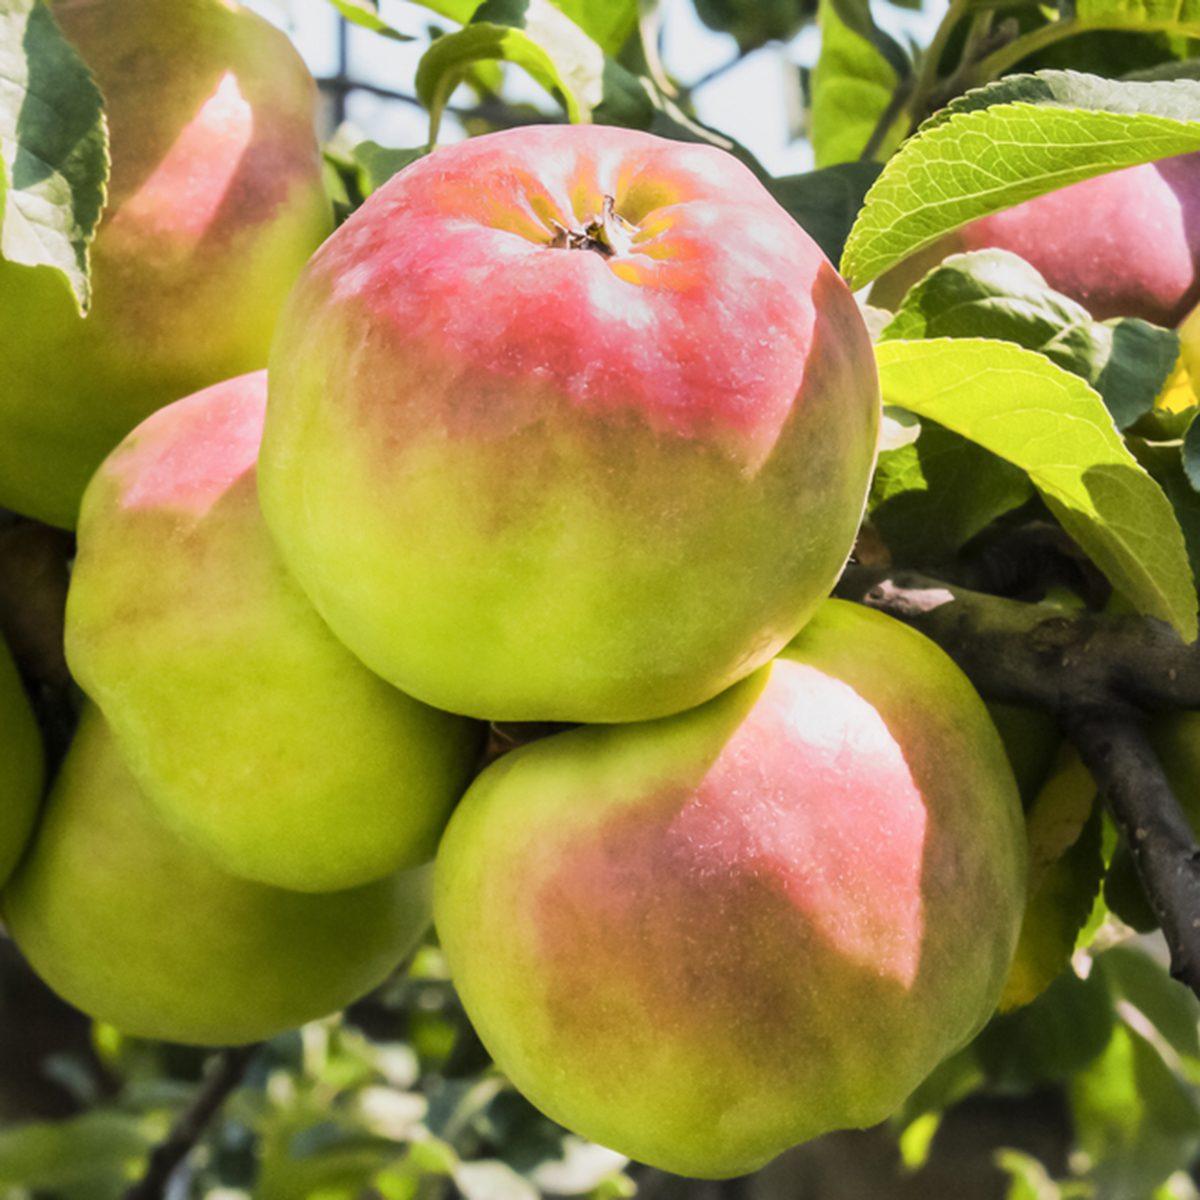 abundantly growing maturing large apples